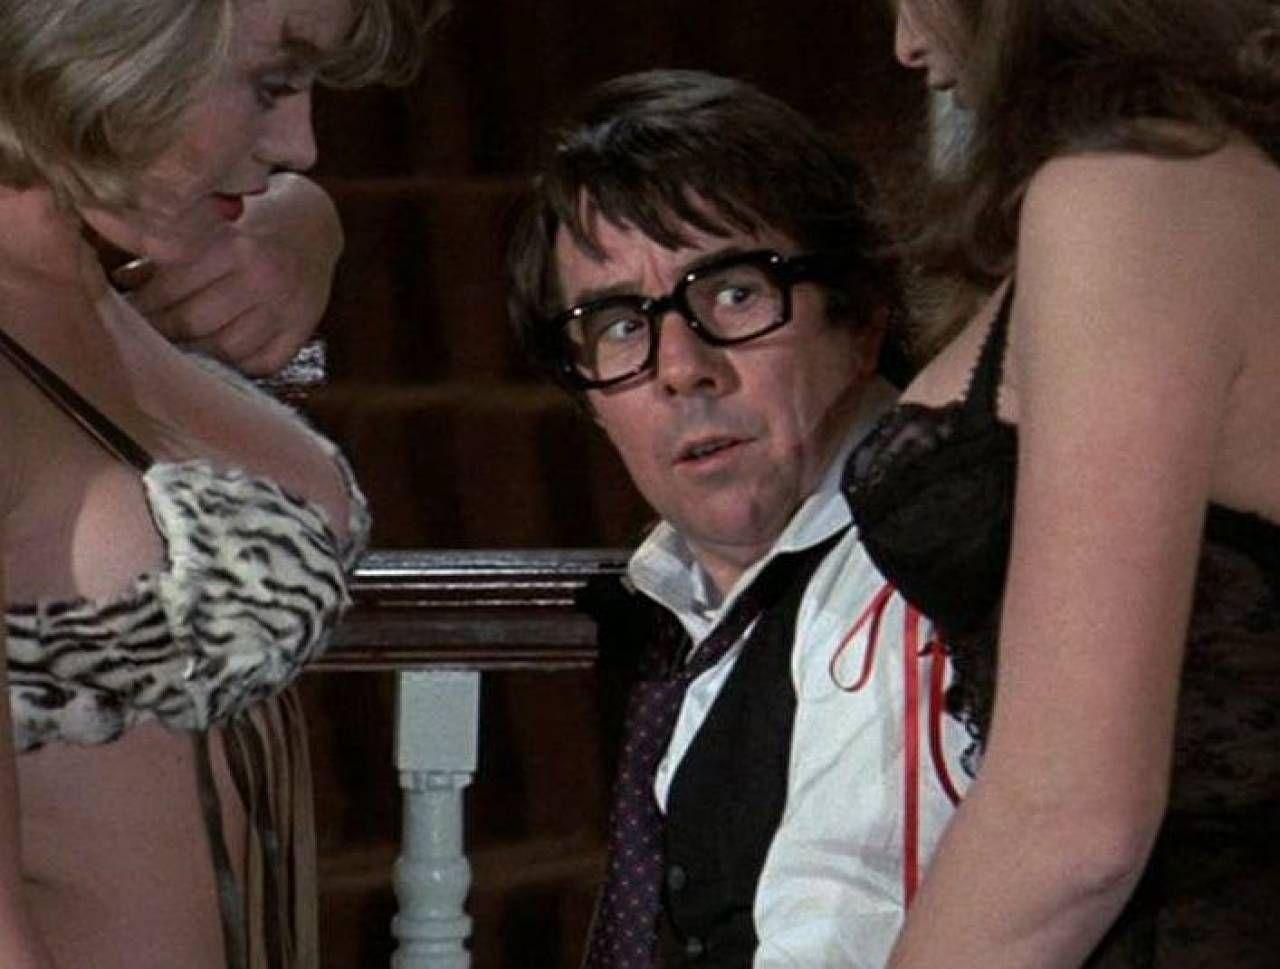 Una scena del film del '73 'Niente sesso siamo inglesi', diretto da Cliff Owen